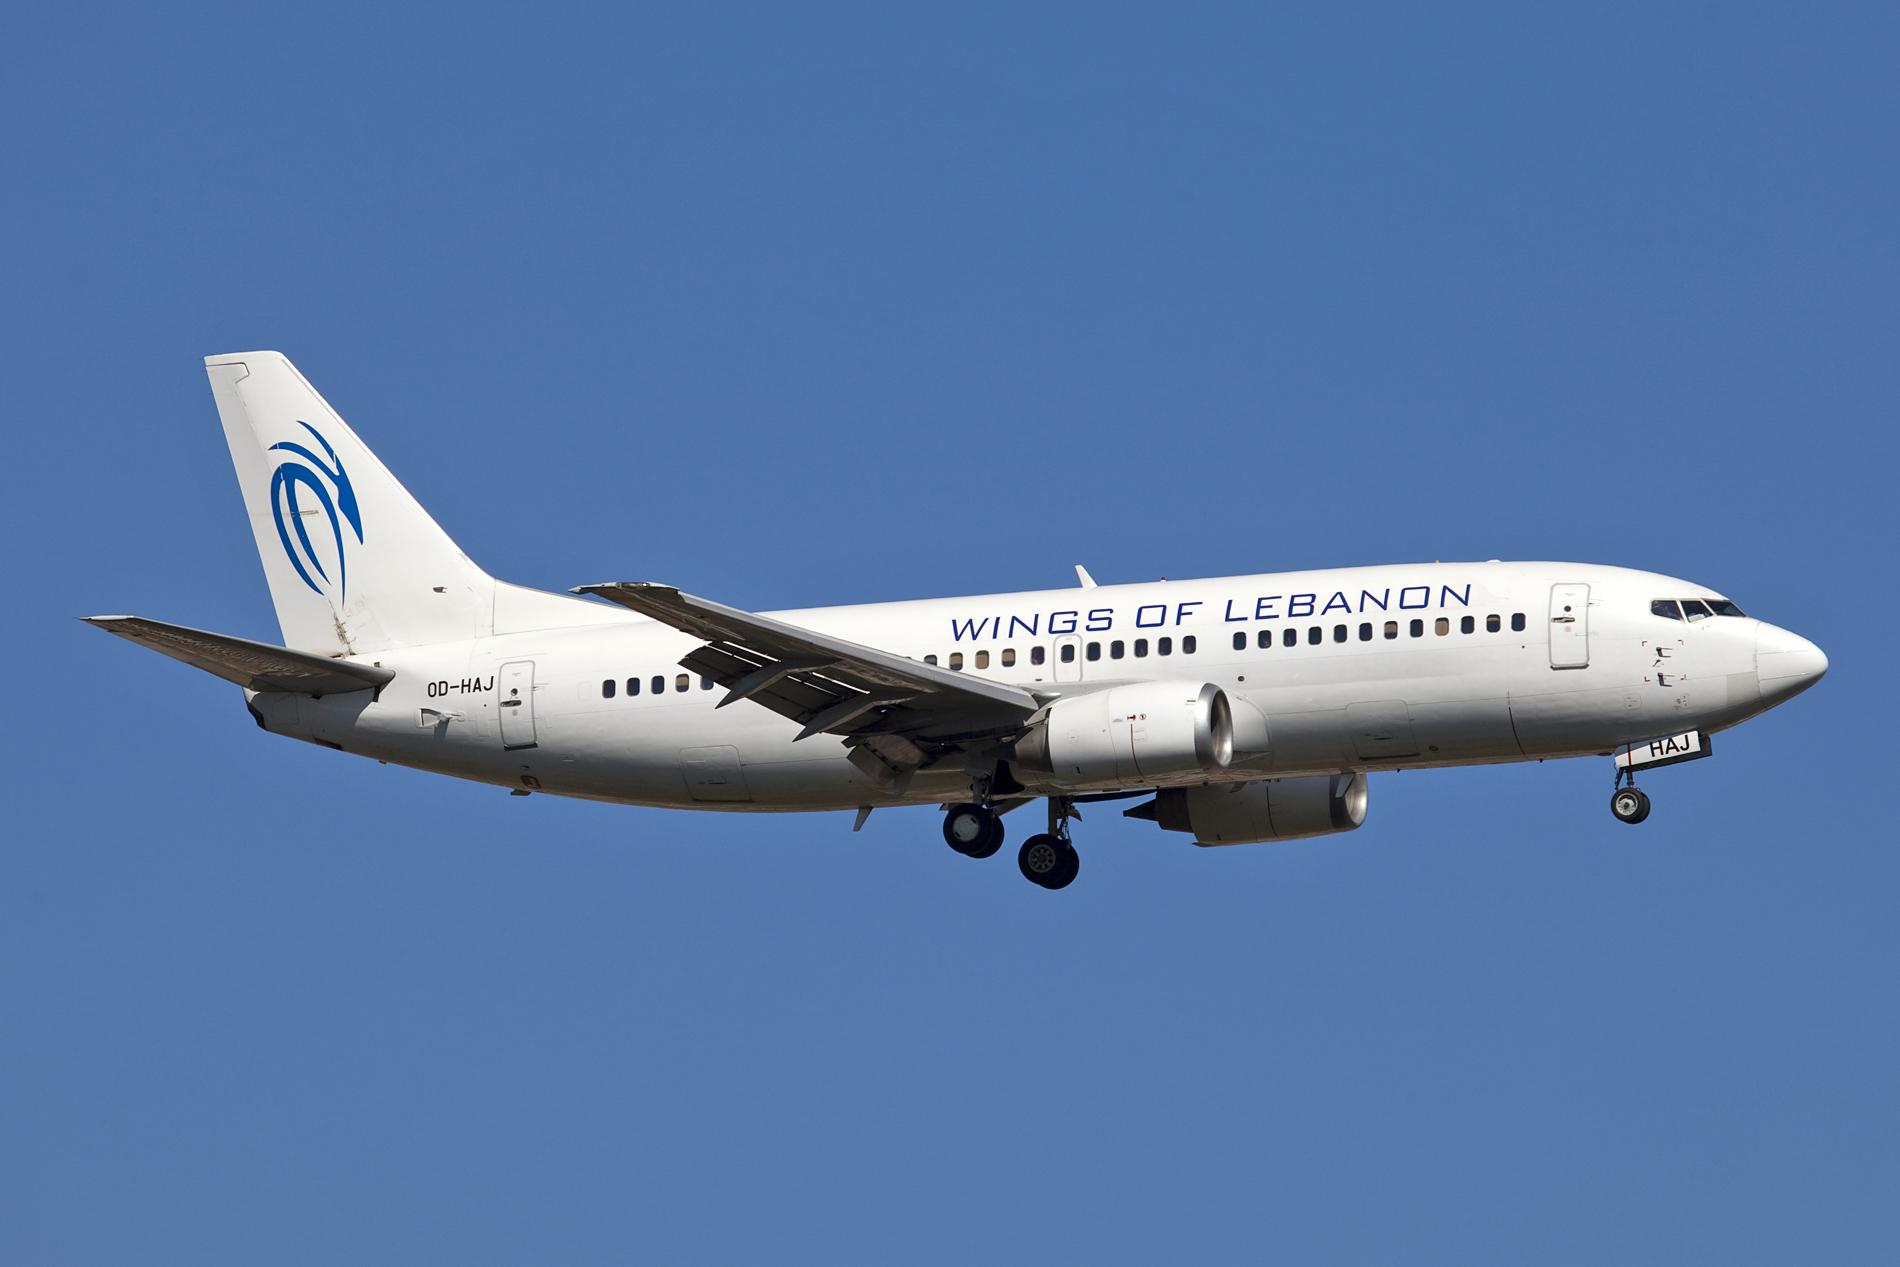 Wings of Lebanon råder over et enkelt Boeing 737-300 fly. Foto: Maarten Visser / Wikimedia Commons.